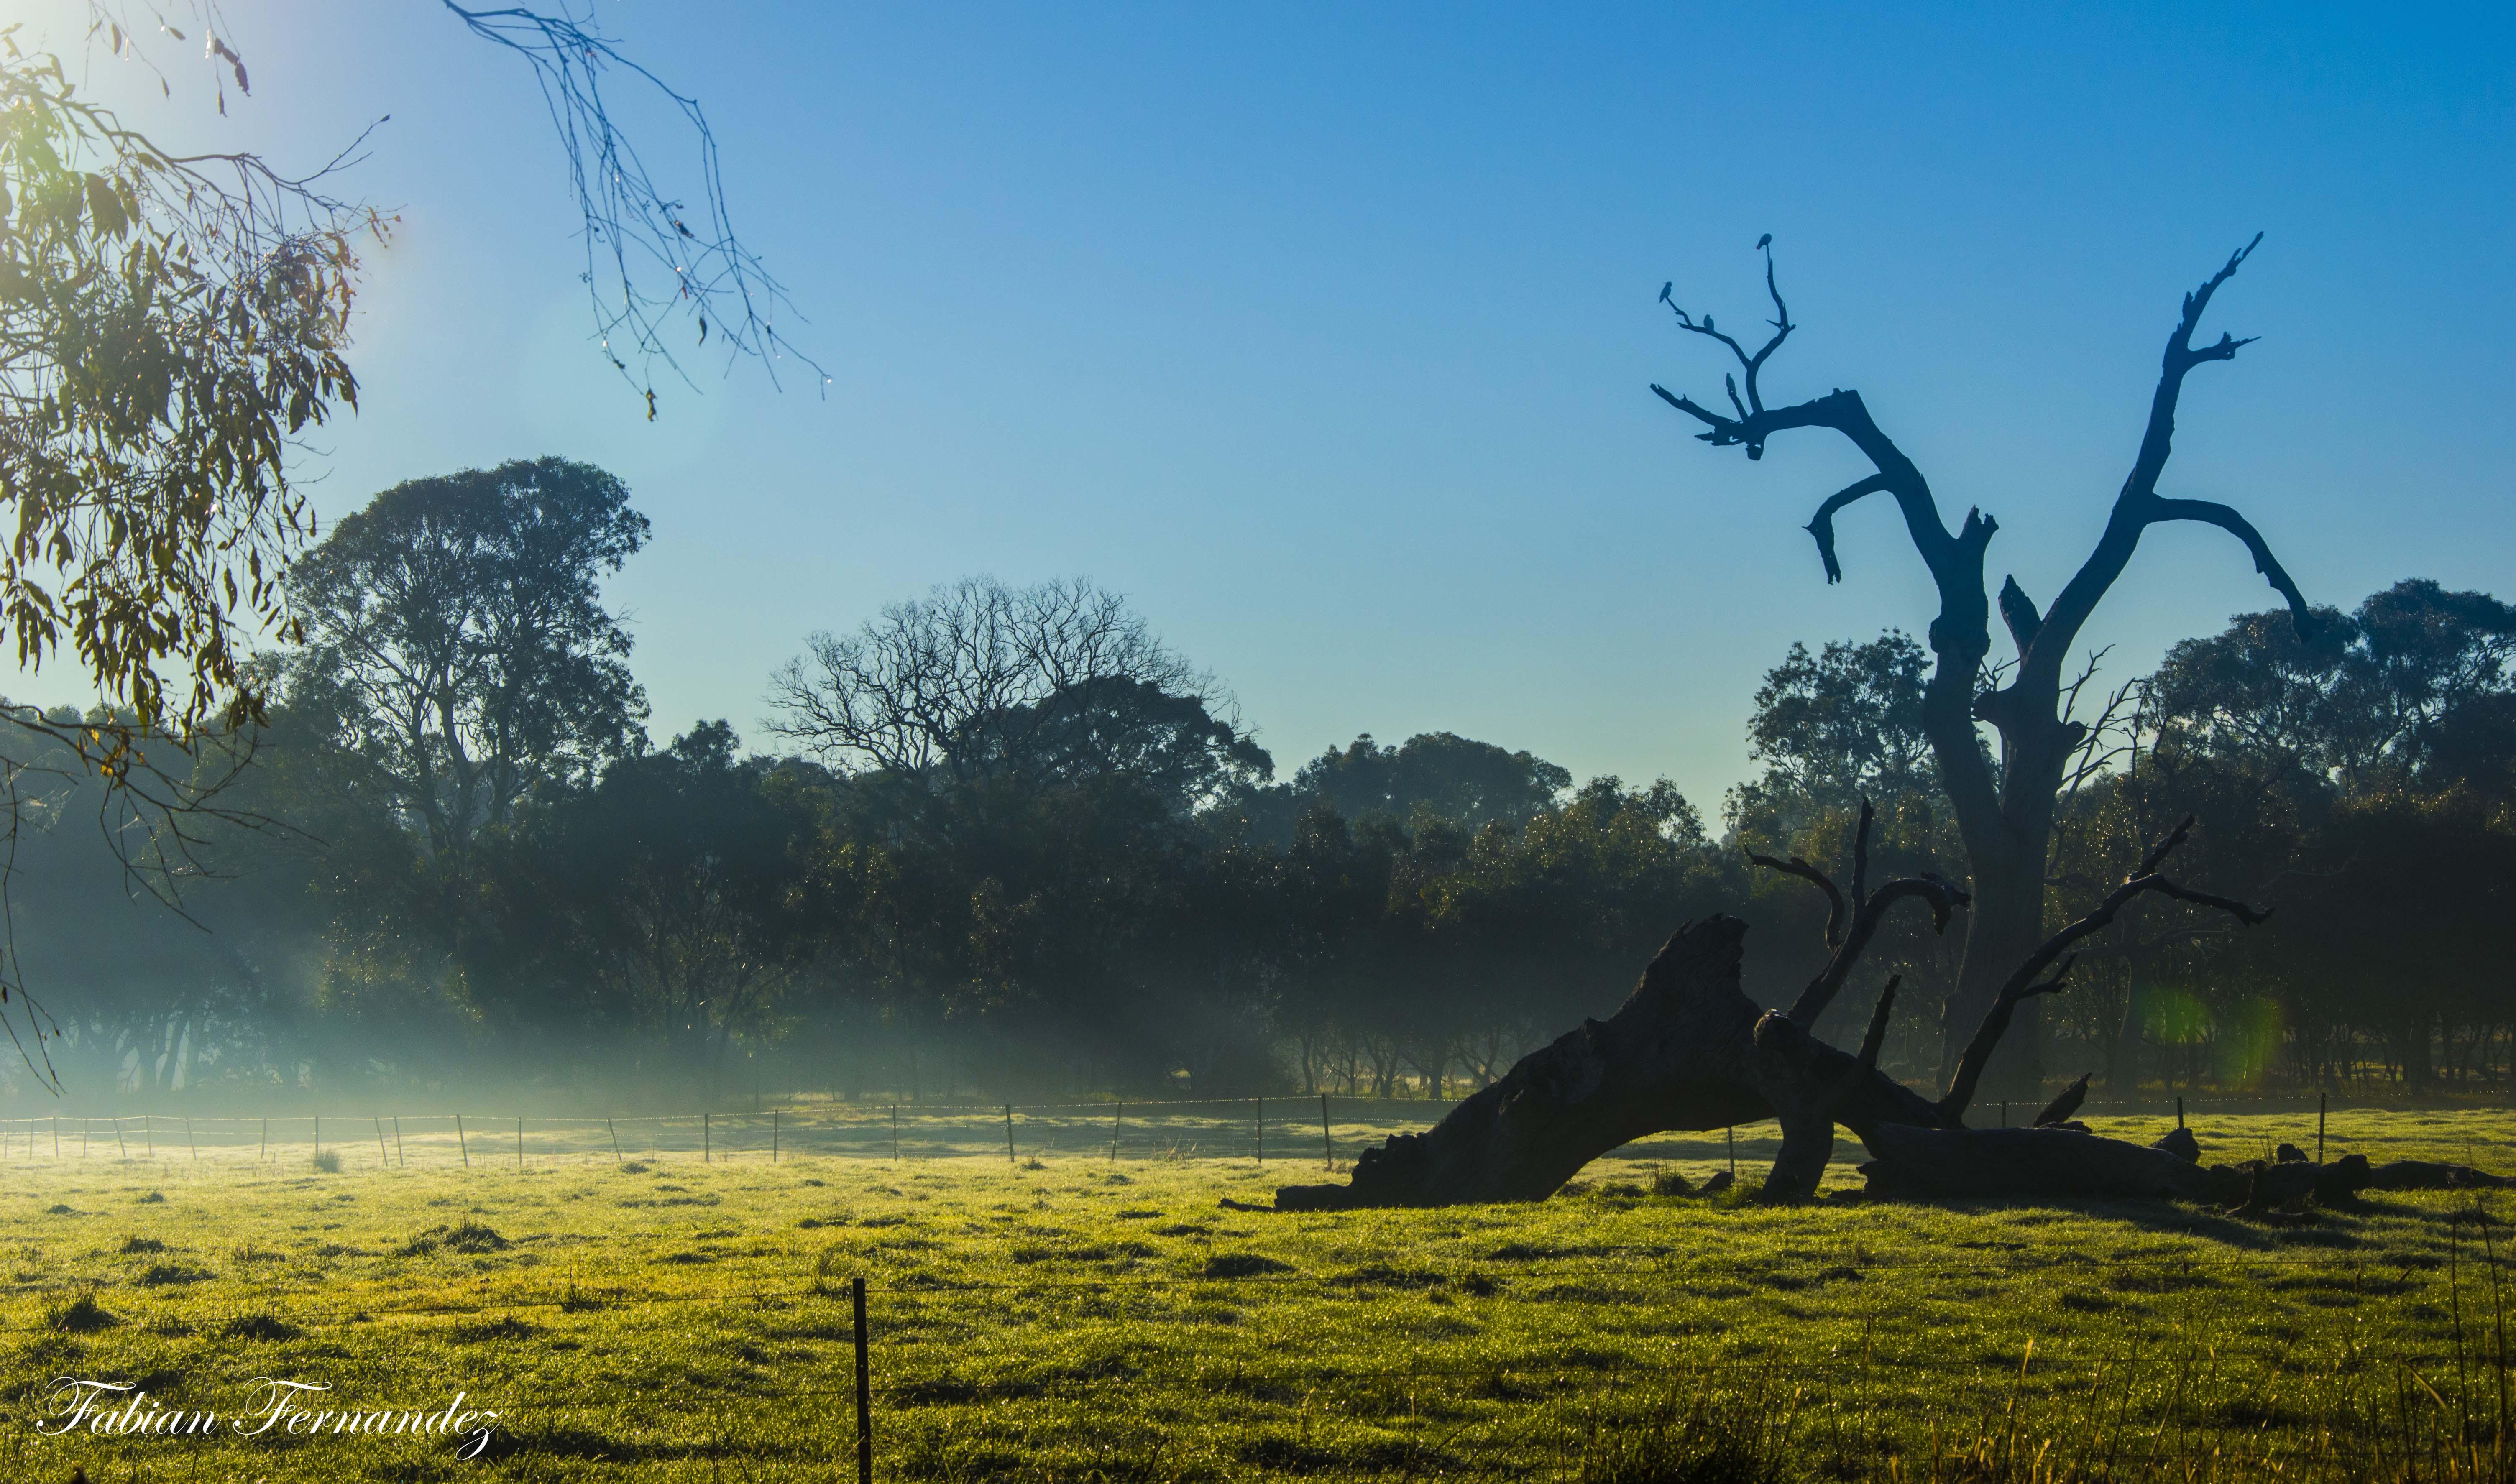 Morning walk trees 3 edited_1_flickr